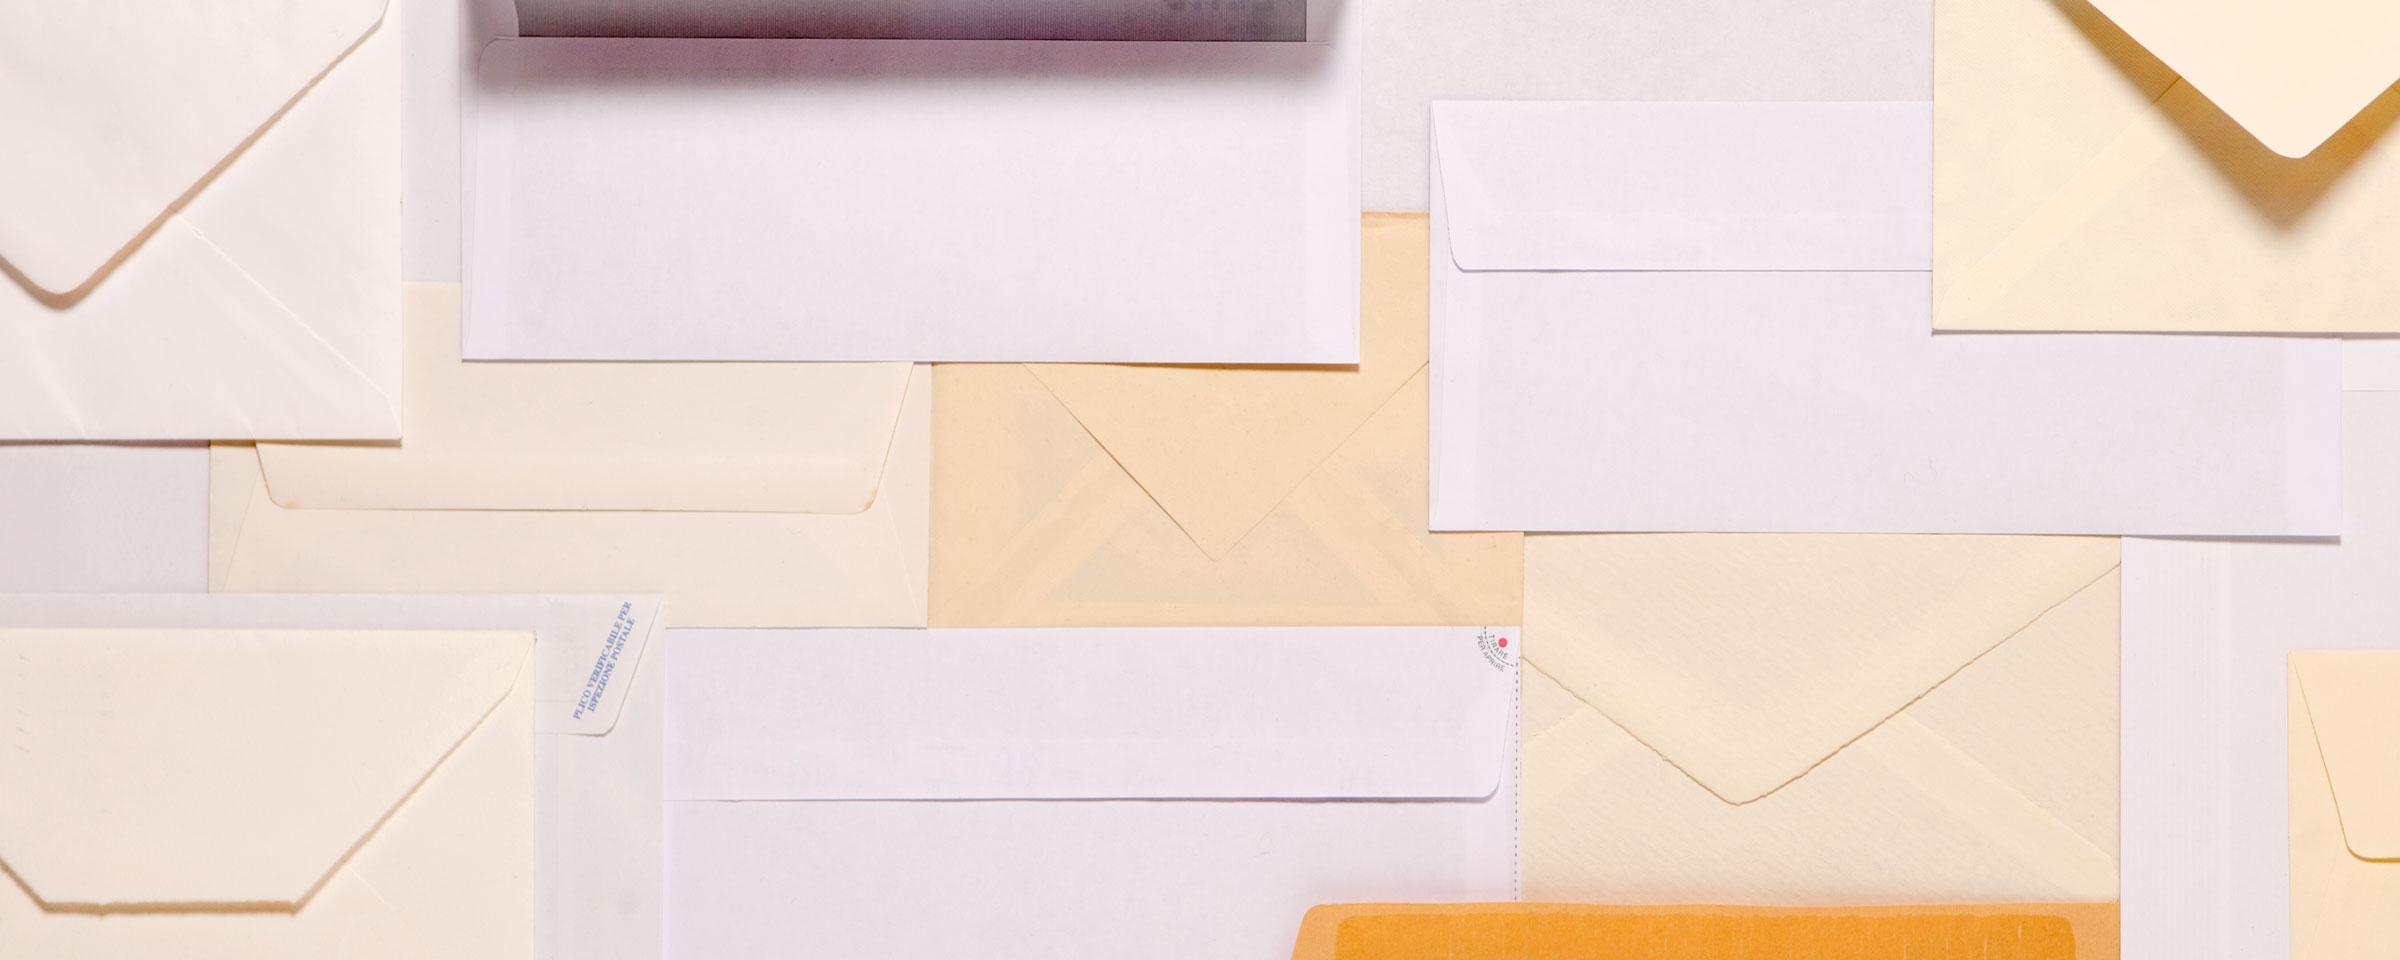 composizione collage still life buste lettere